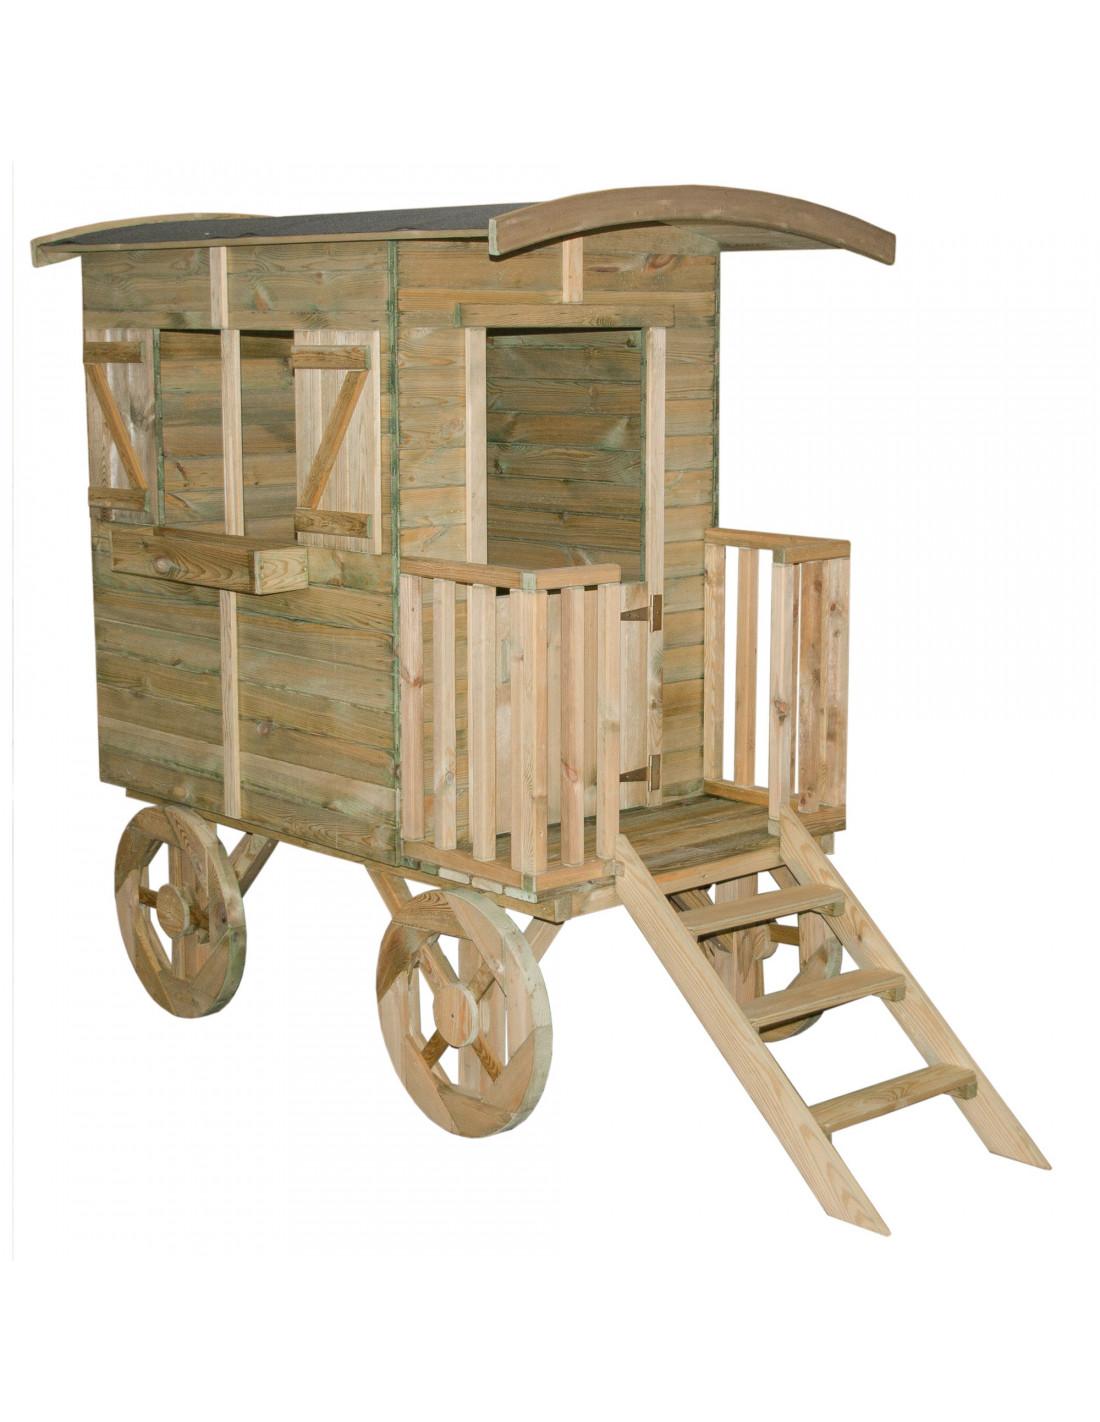 Roulotte en bois western plancher inclus trait for Porte western bois